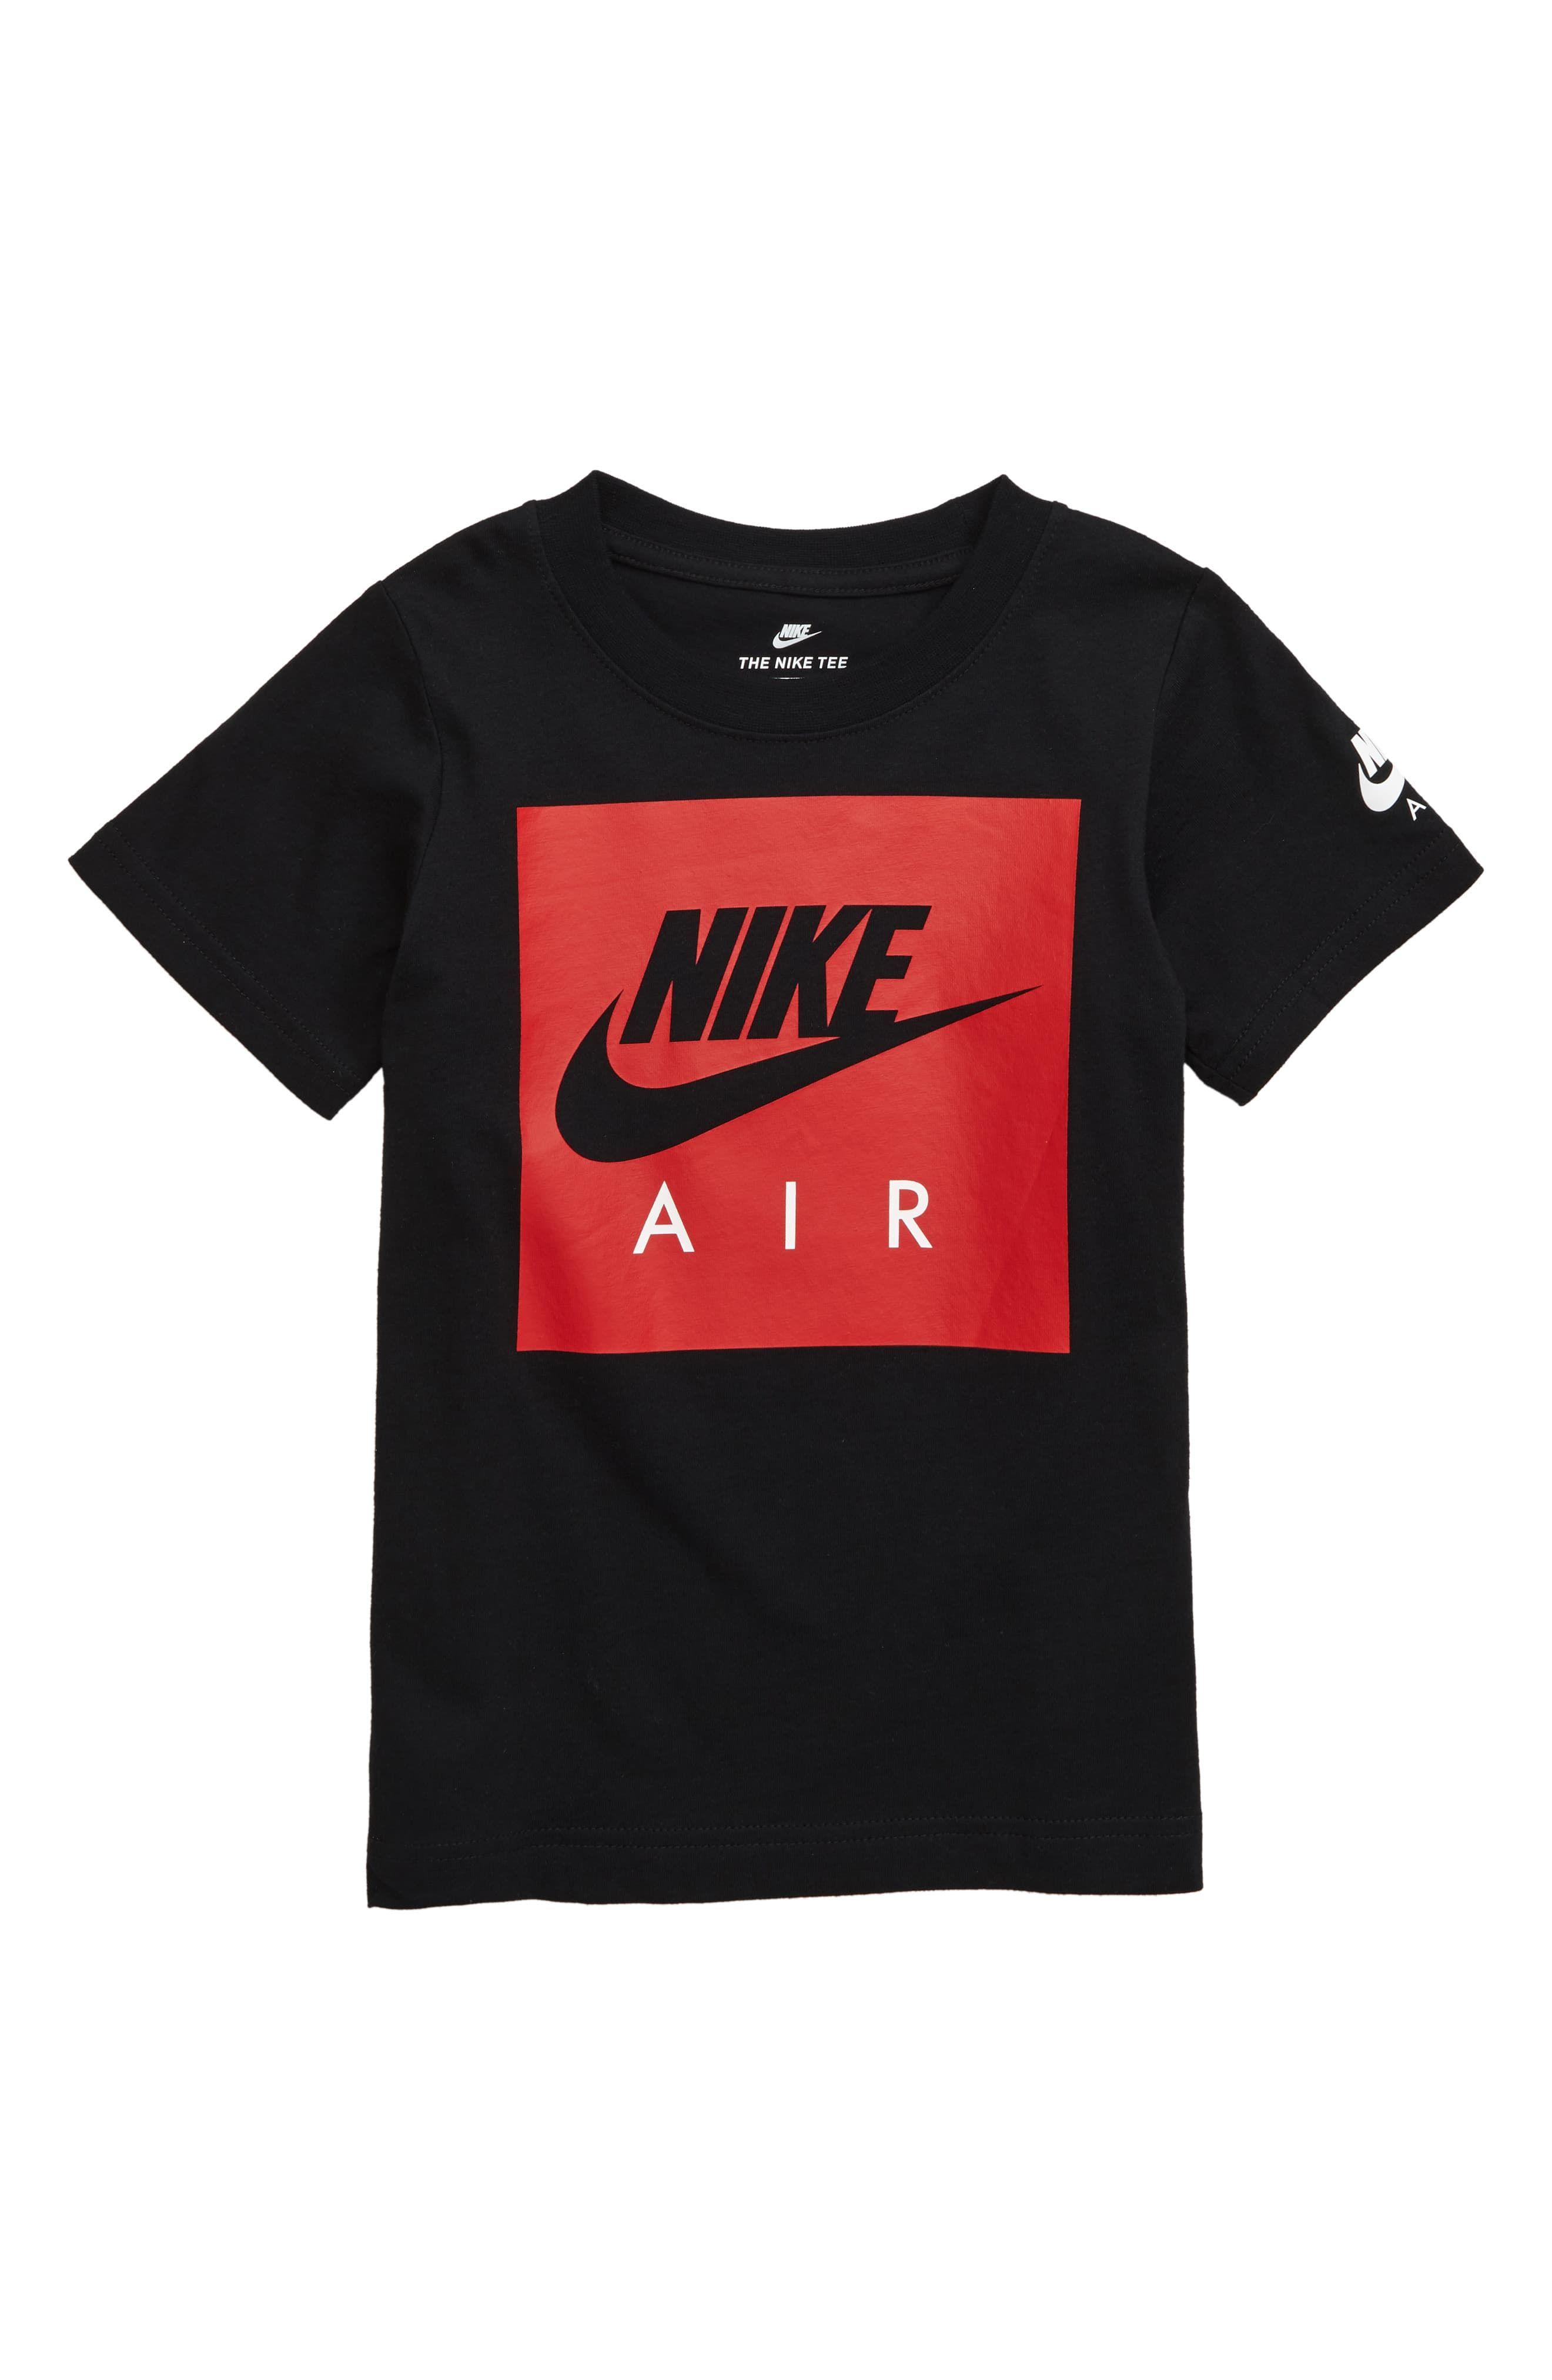 Votación Ajustable haga turismo  Nike Air Box Logo T-Shirt (Toddler Boys & Little Boys) | Nordstrom | Nike  shirts women, Nike air shirt, Nike mens shirts